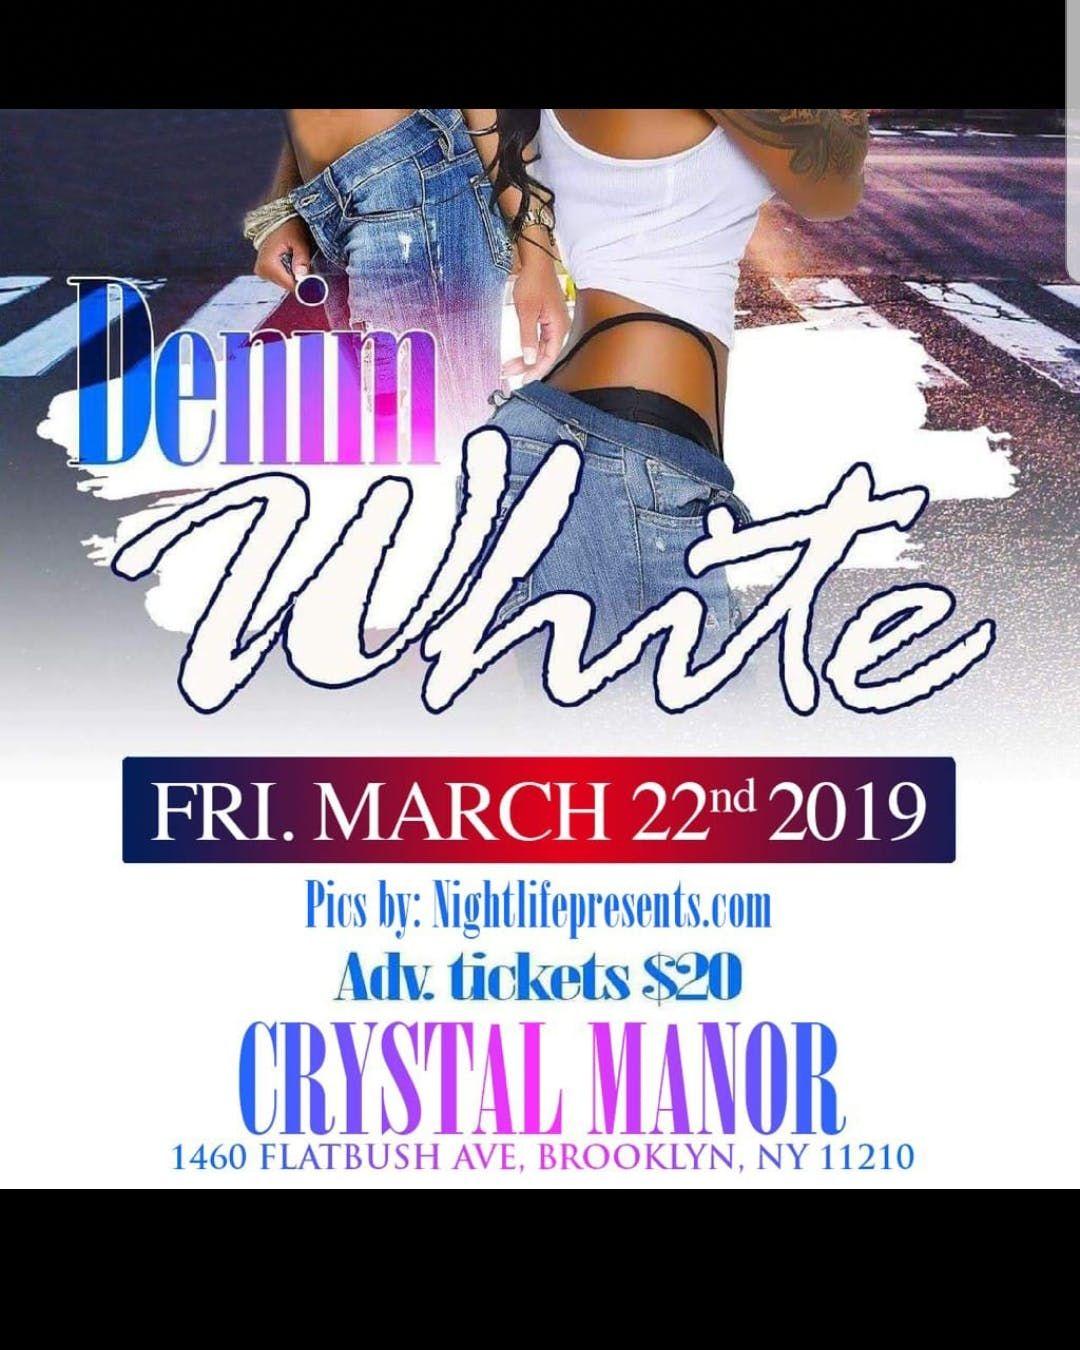 Denim & White 2019